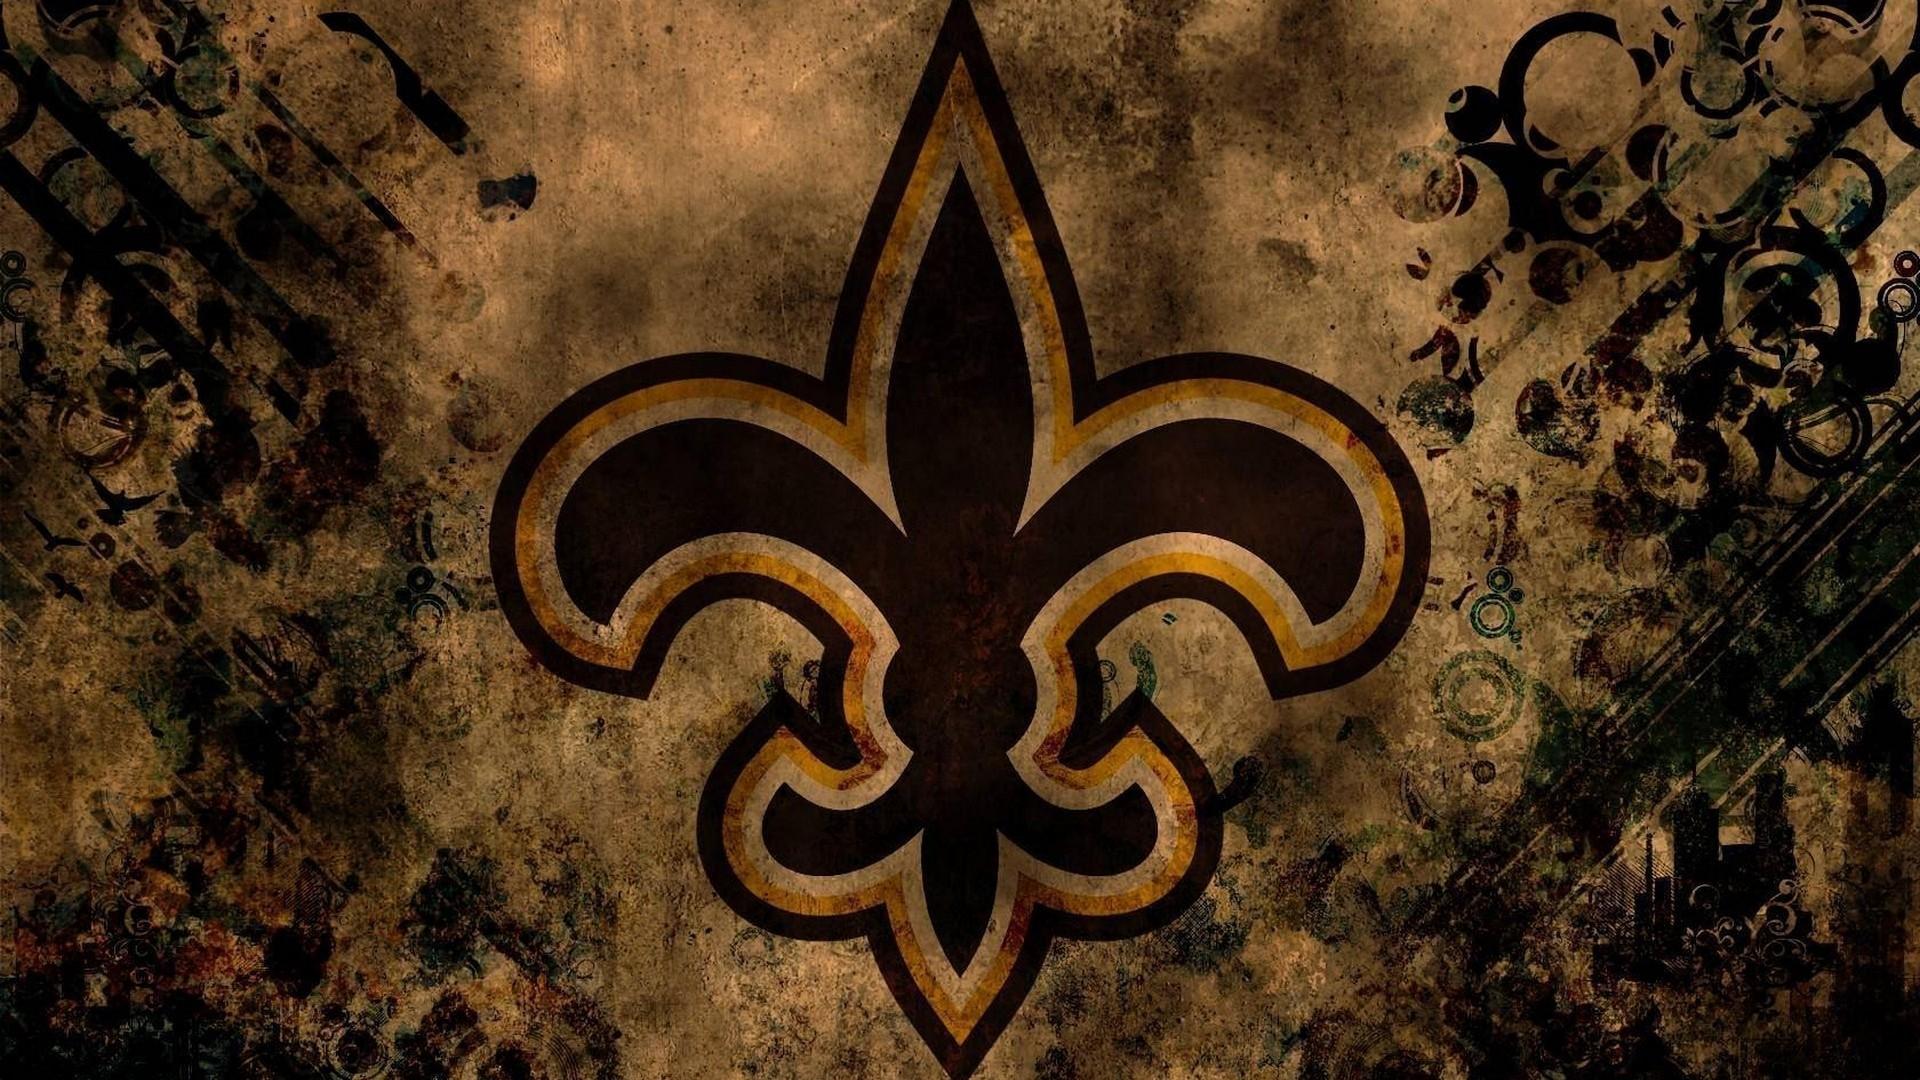 Saints Wallpaper Picture hd